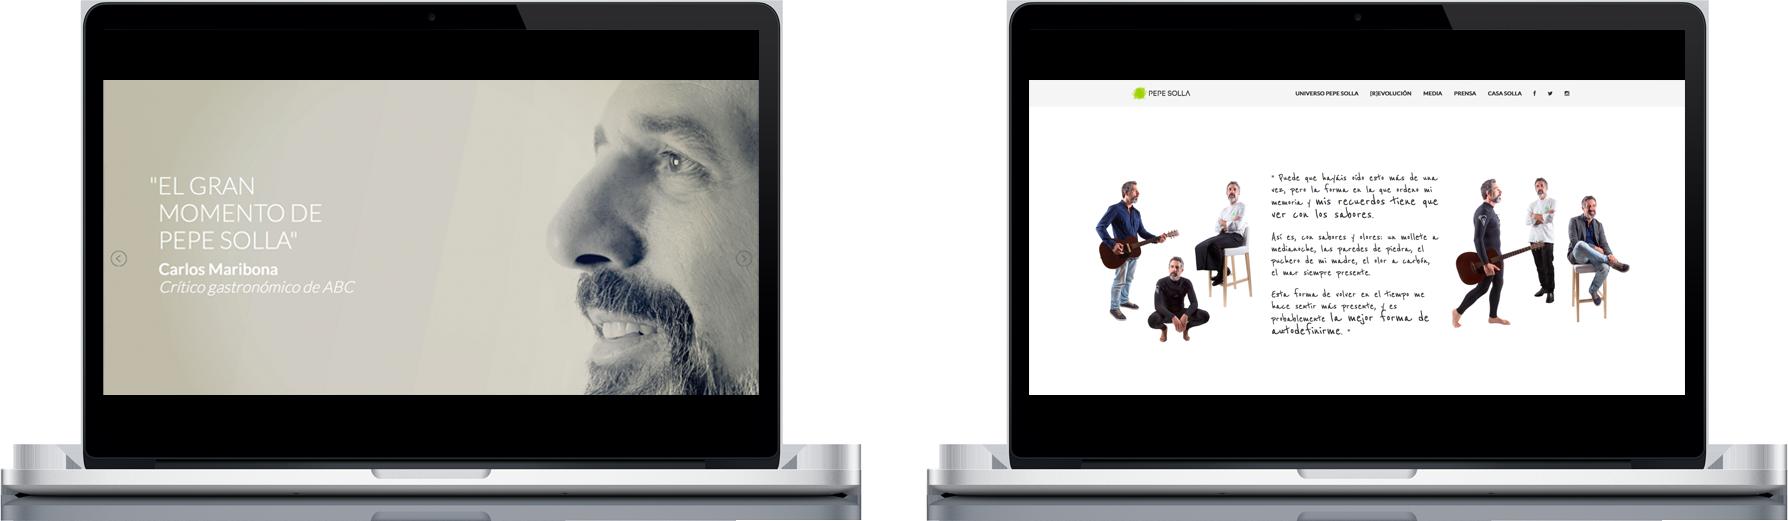 Web de Pepe Solla, diseñada y programada por Anónimo Advertising